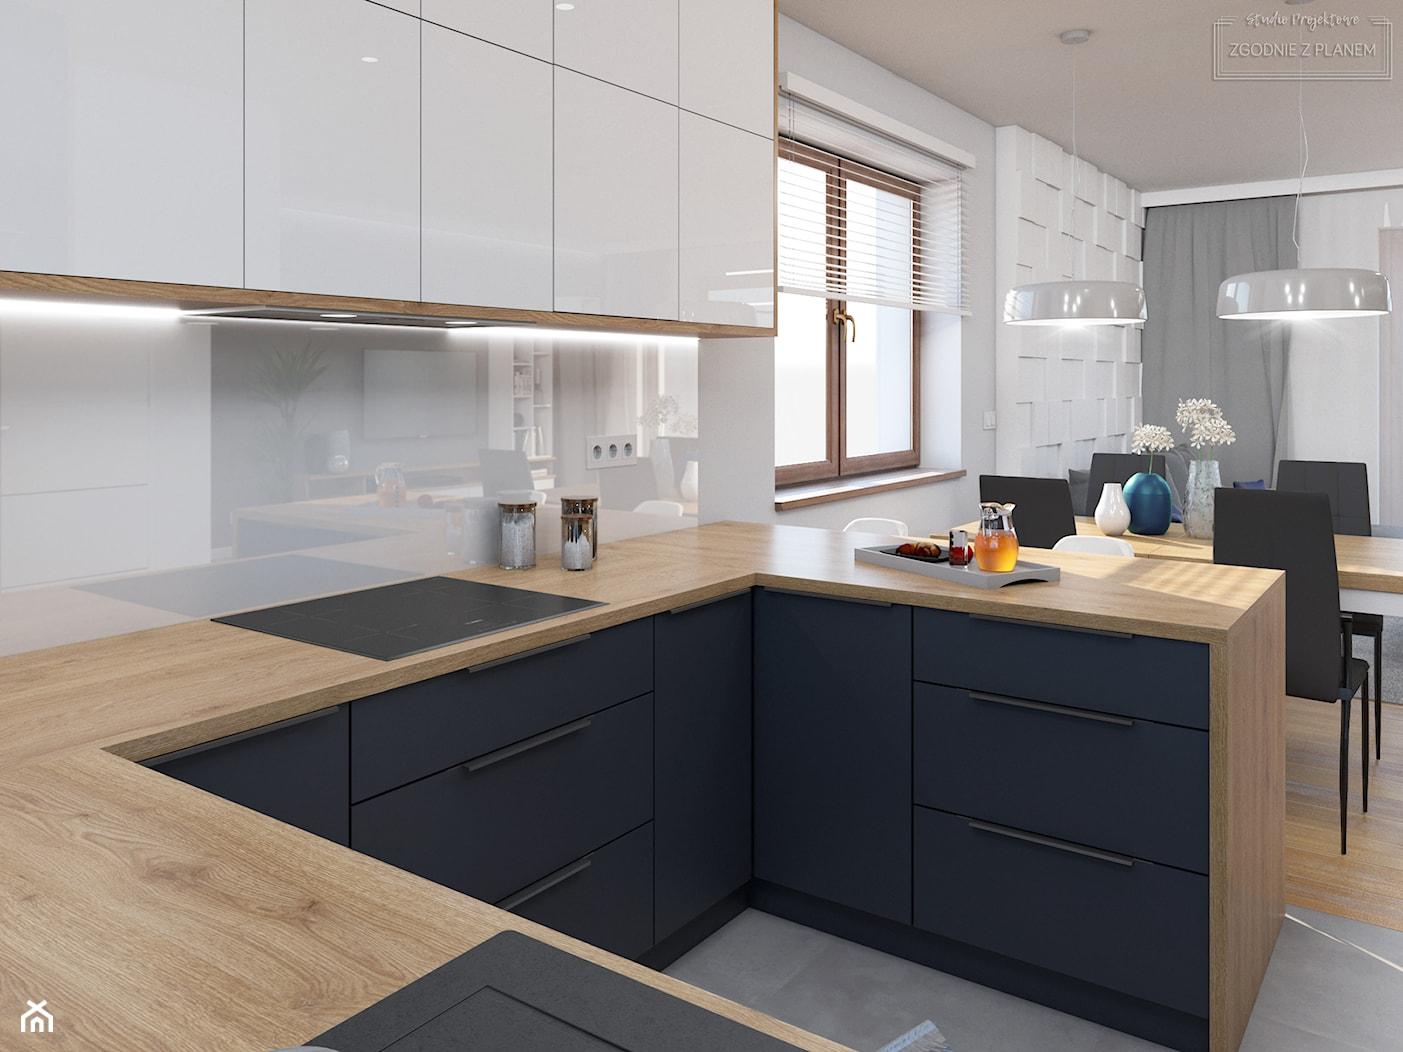 Dom w Tarnowskich Górach - Mała otwarta biała kuchnia w kształcie litery u z oknem, styl nowoczesny - zdjęcie od Studio Projektowe Zgodnie Z Planem - Homebook